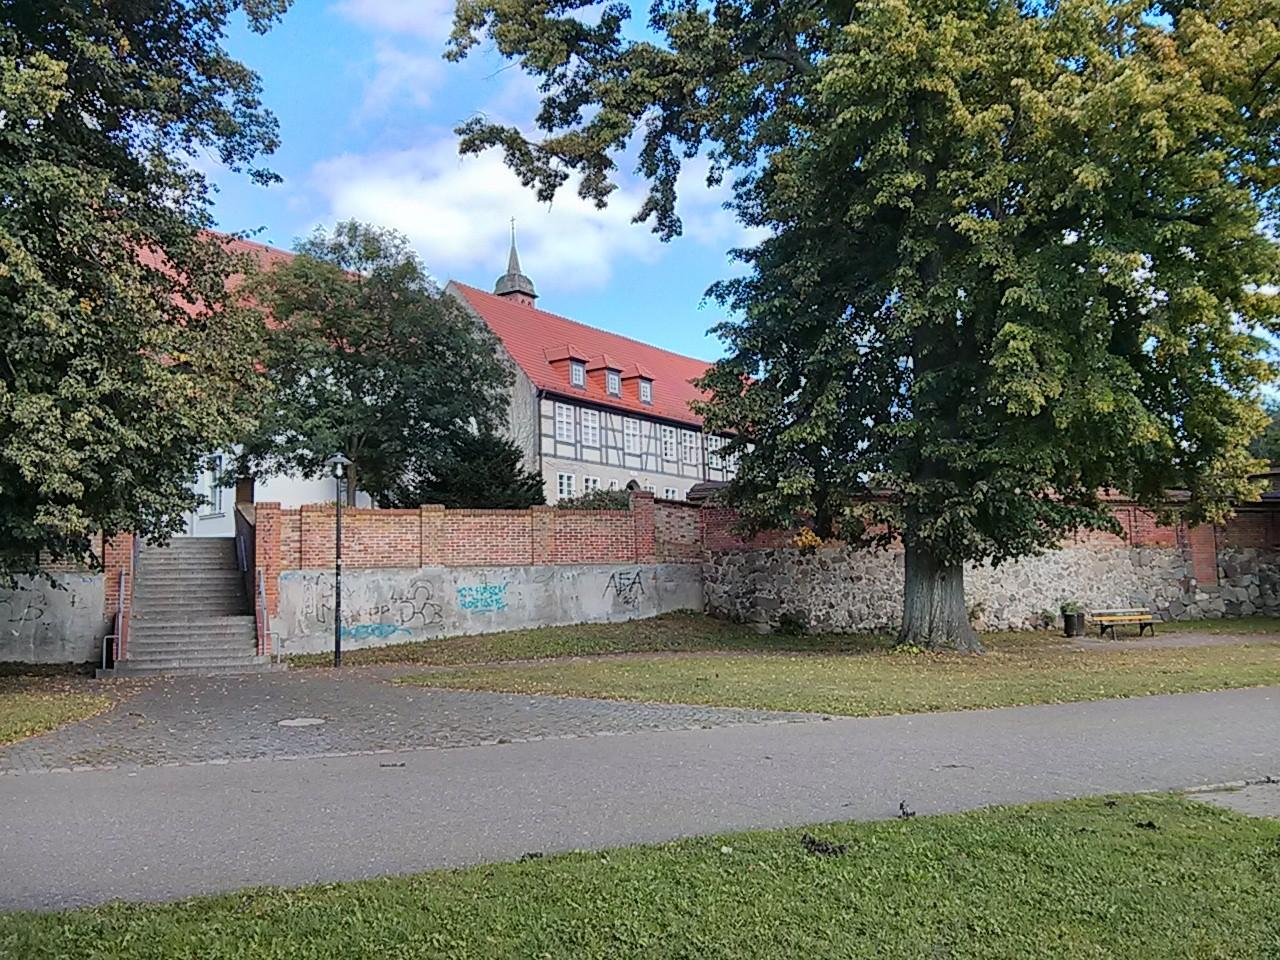 Ribnitz Damgarten